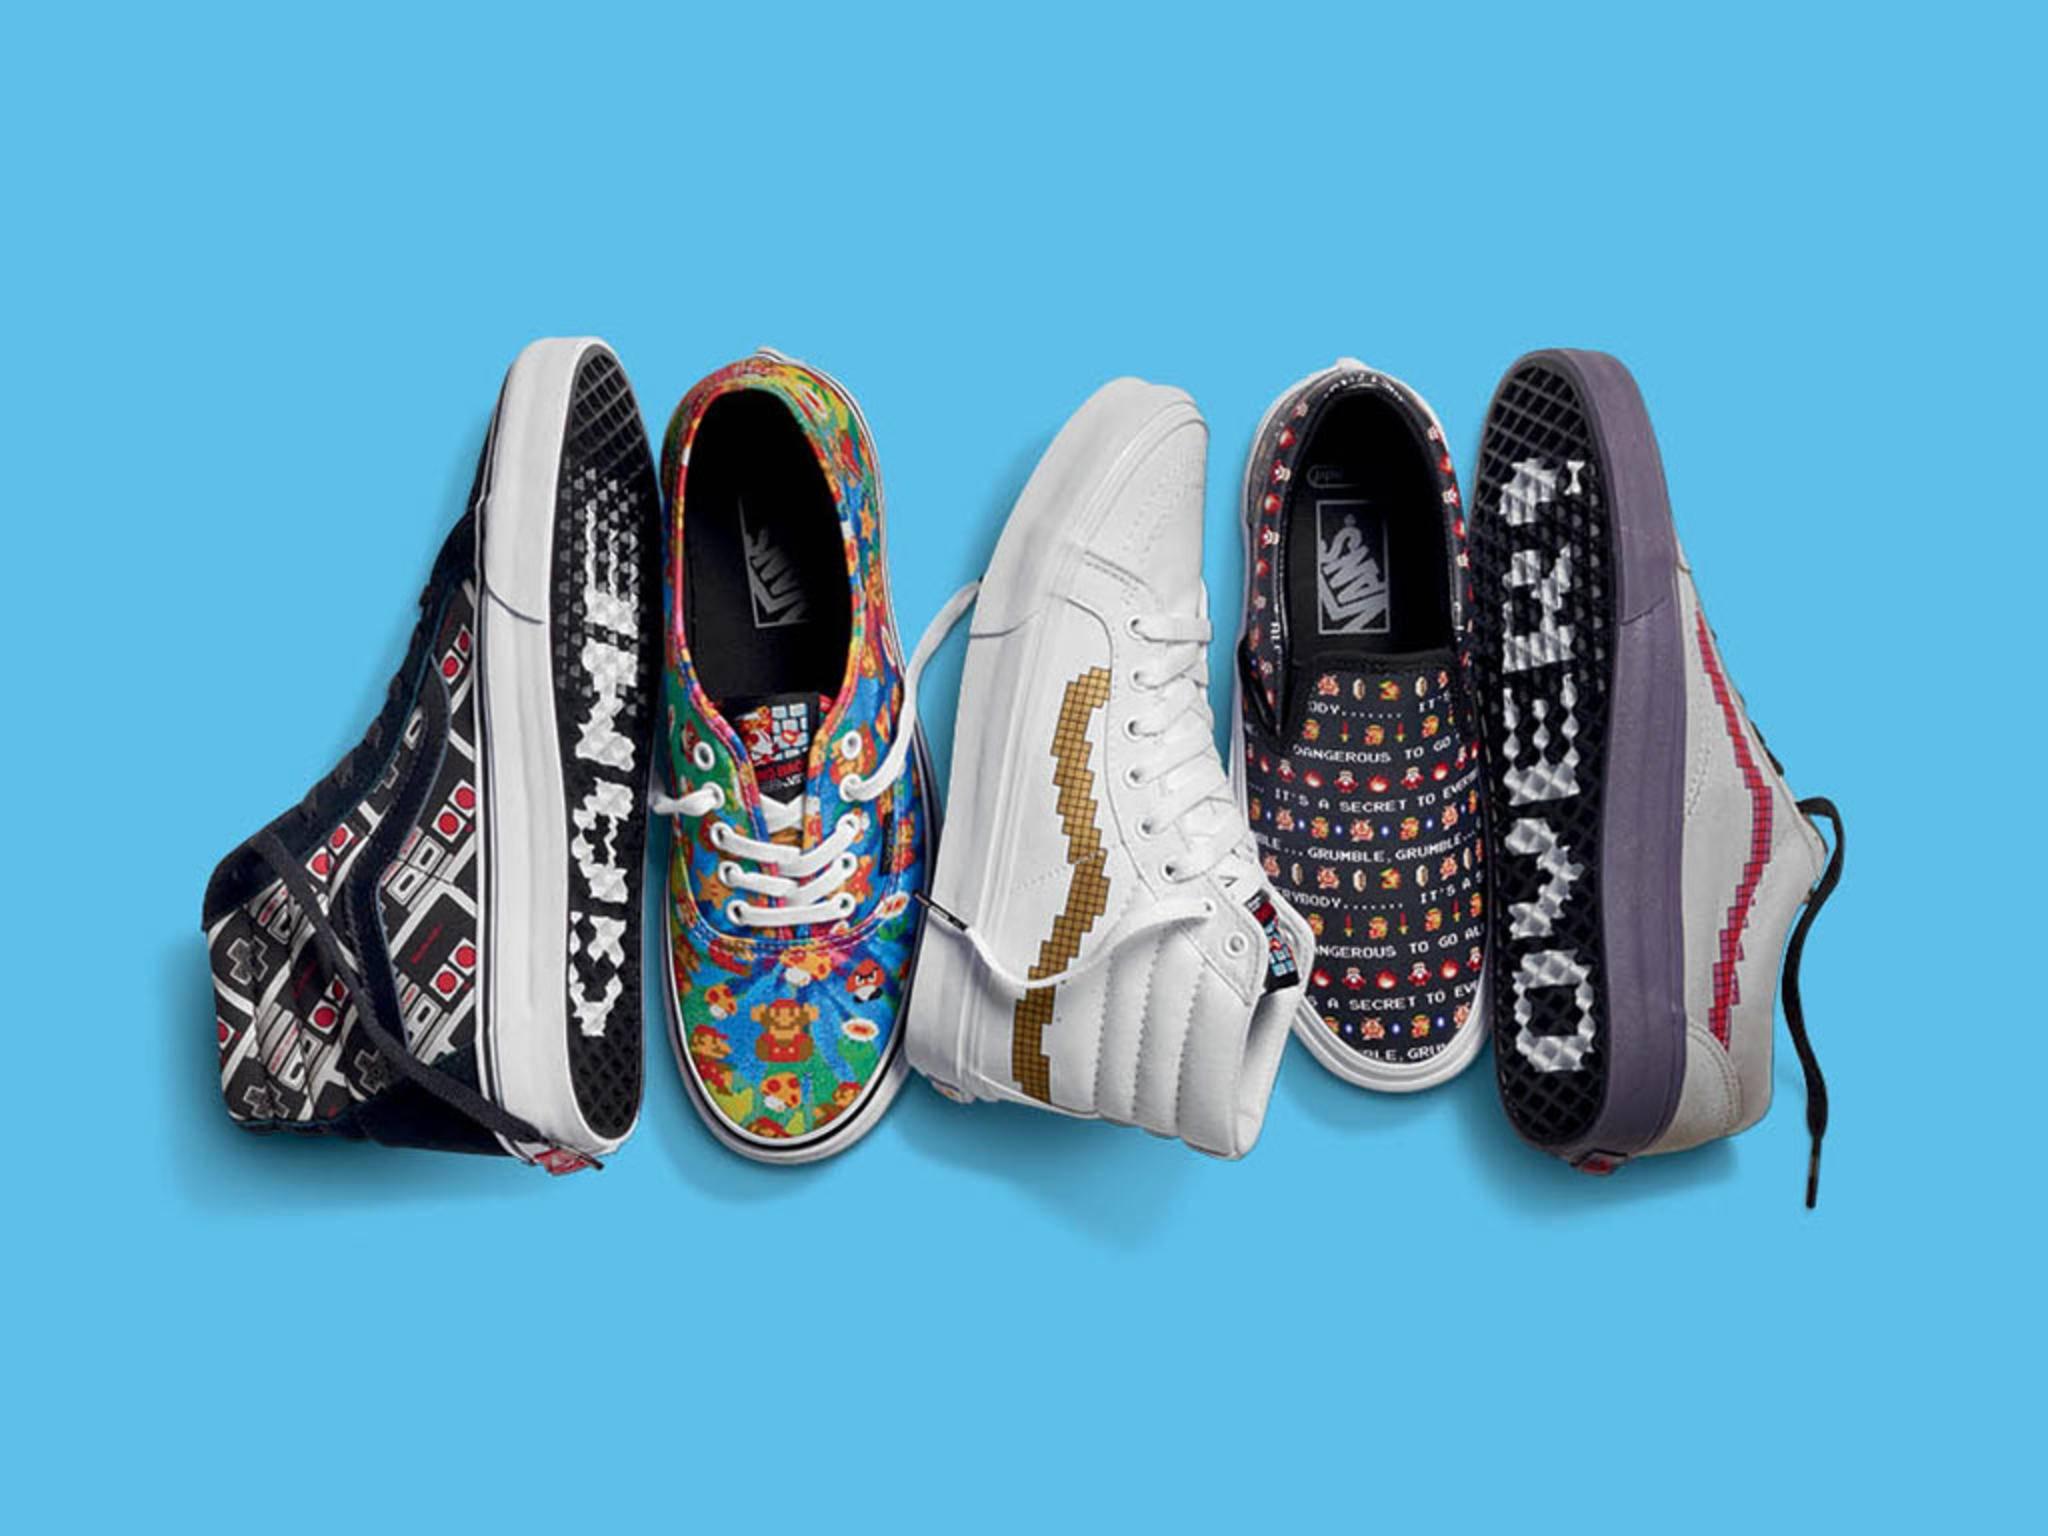 Die stylishen Nintendo-Schuhe von Vans kommen in den Handel.